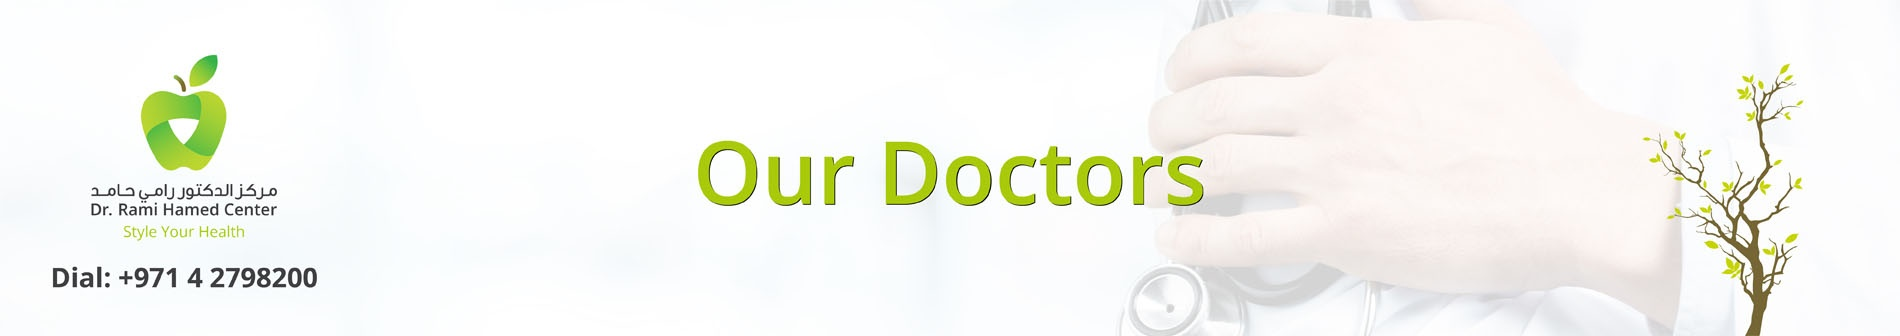 Dubai Medical Nutrition Clinic